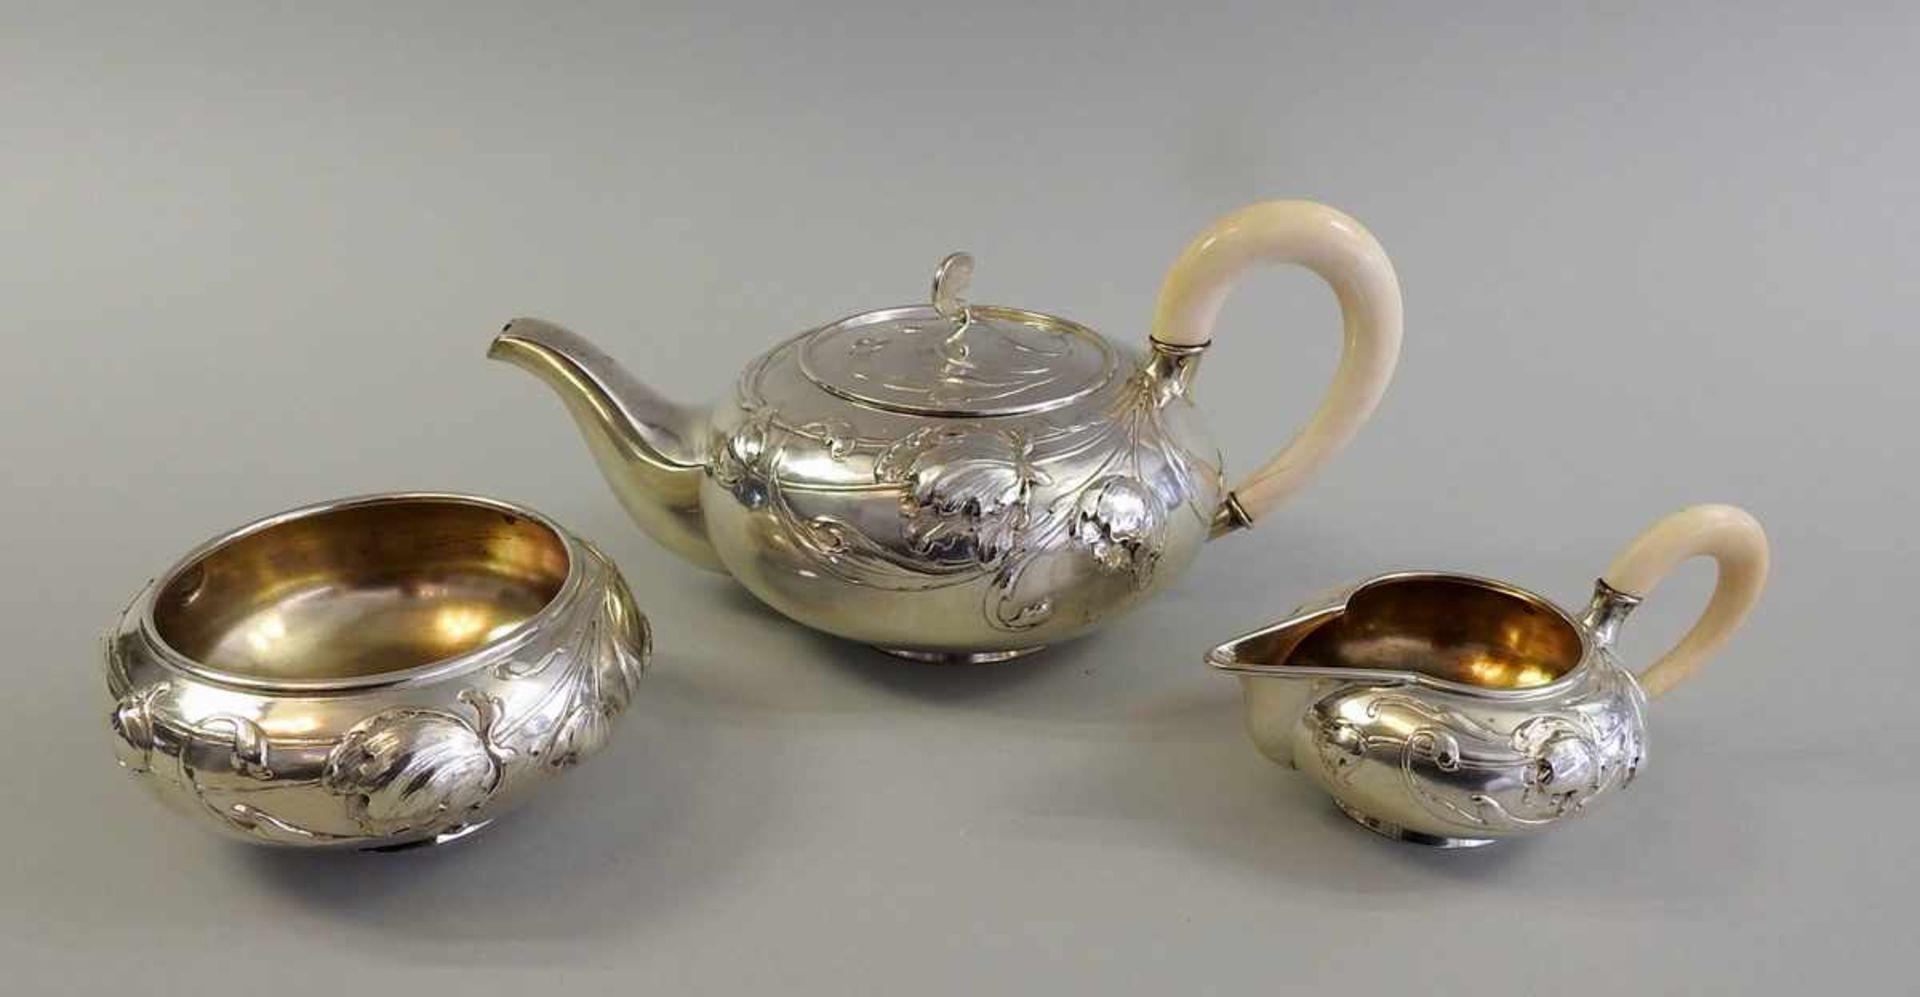 Los 8 - Außergewöhnliches Jugendstil Teeservice Silber 800, jeweils mit Halbmond und Krone, Silber 800 von